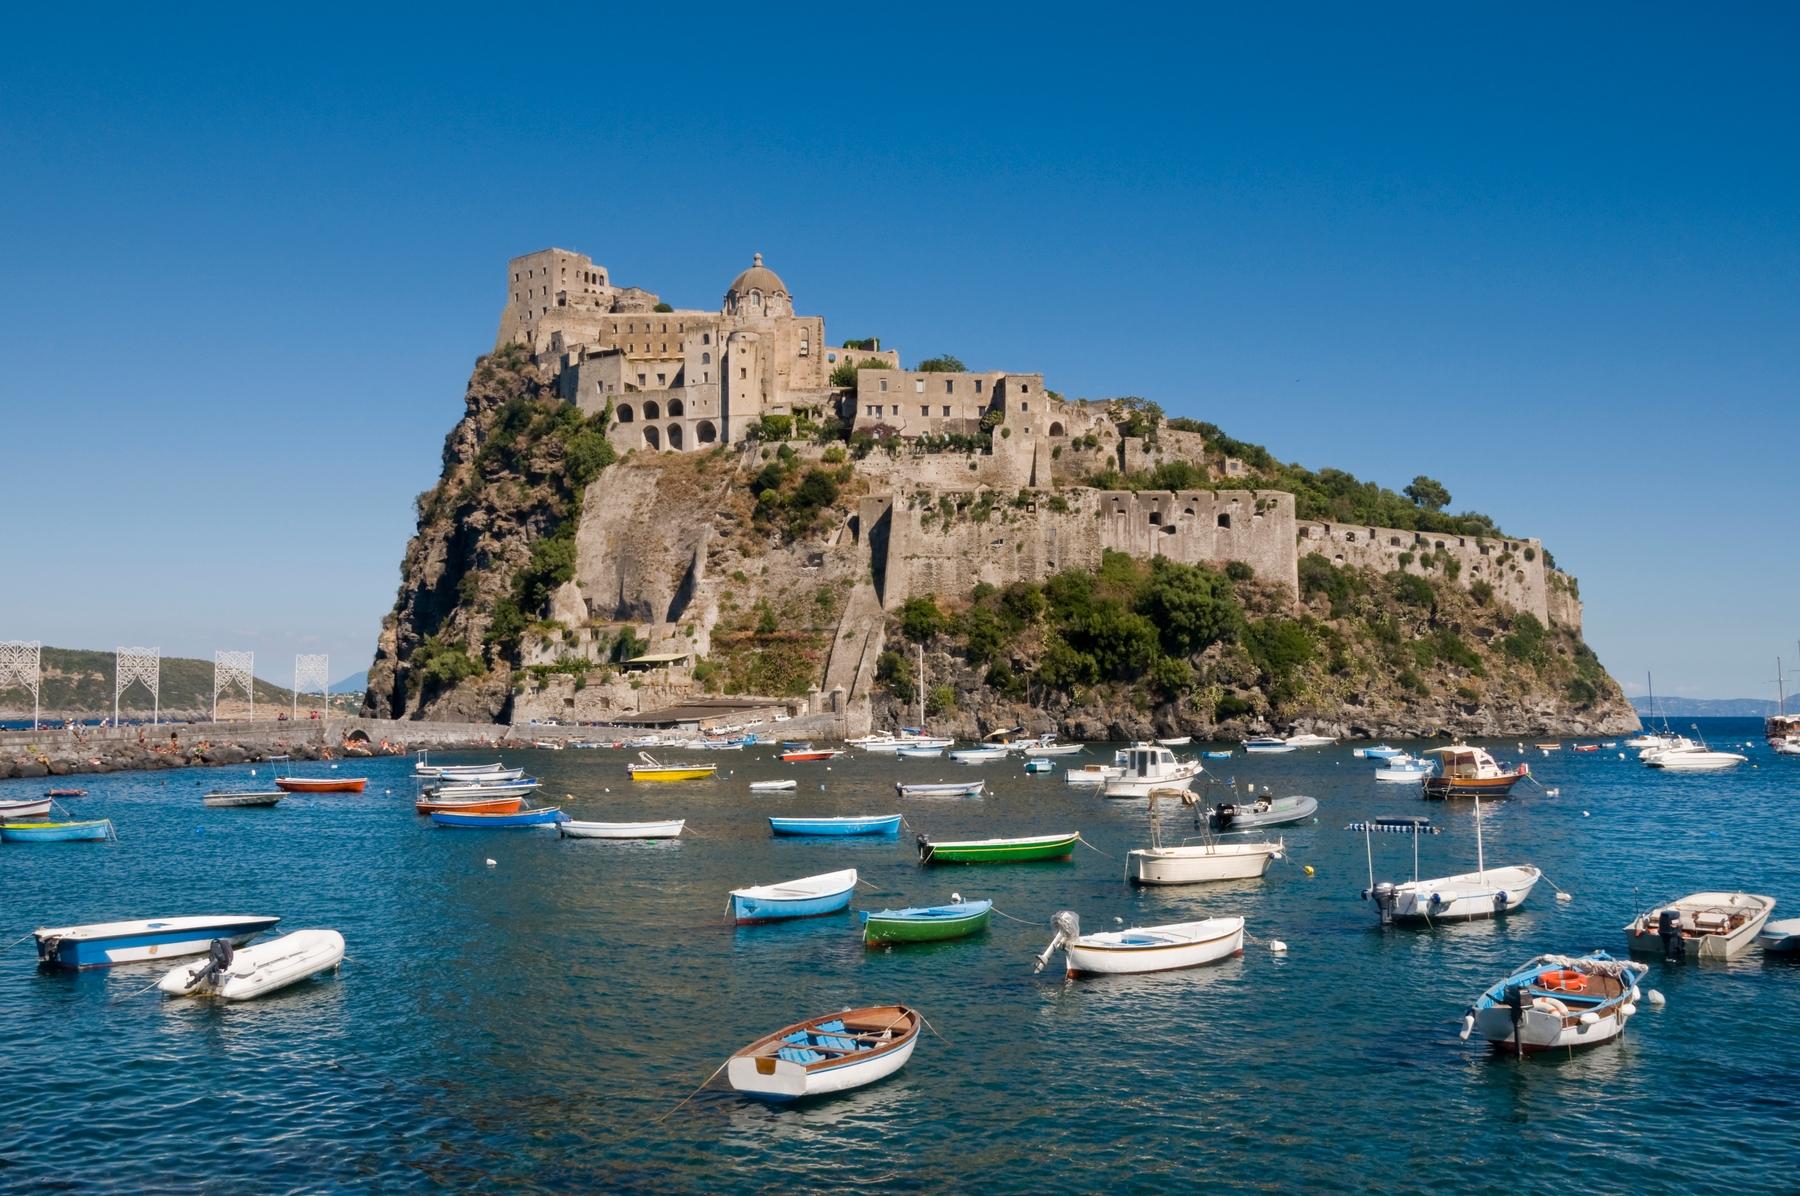 The rocky island of Ponza, near Tuscany